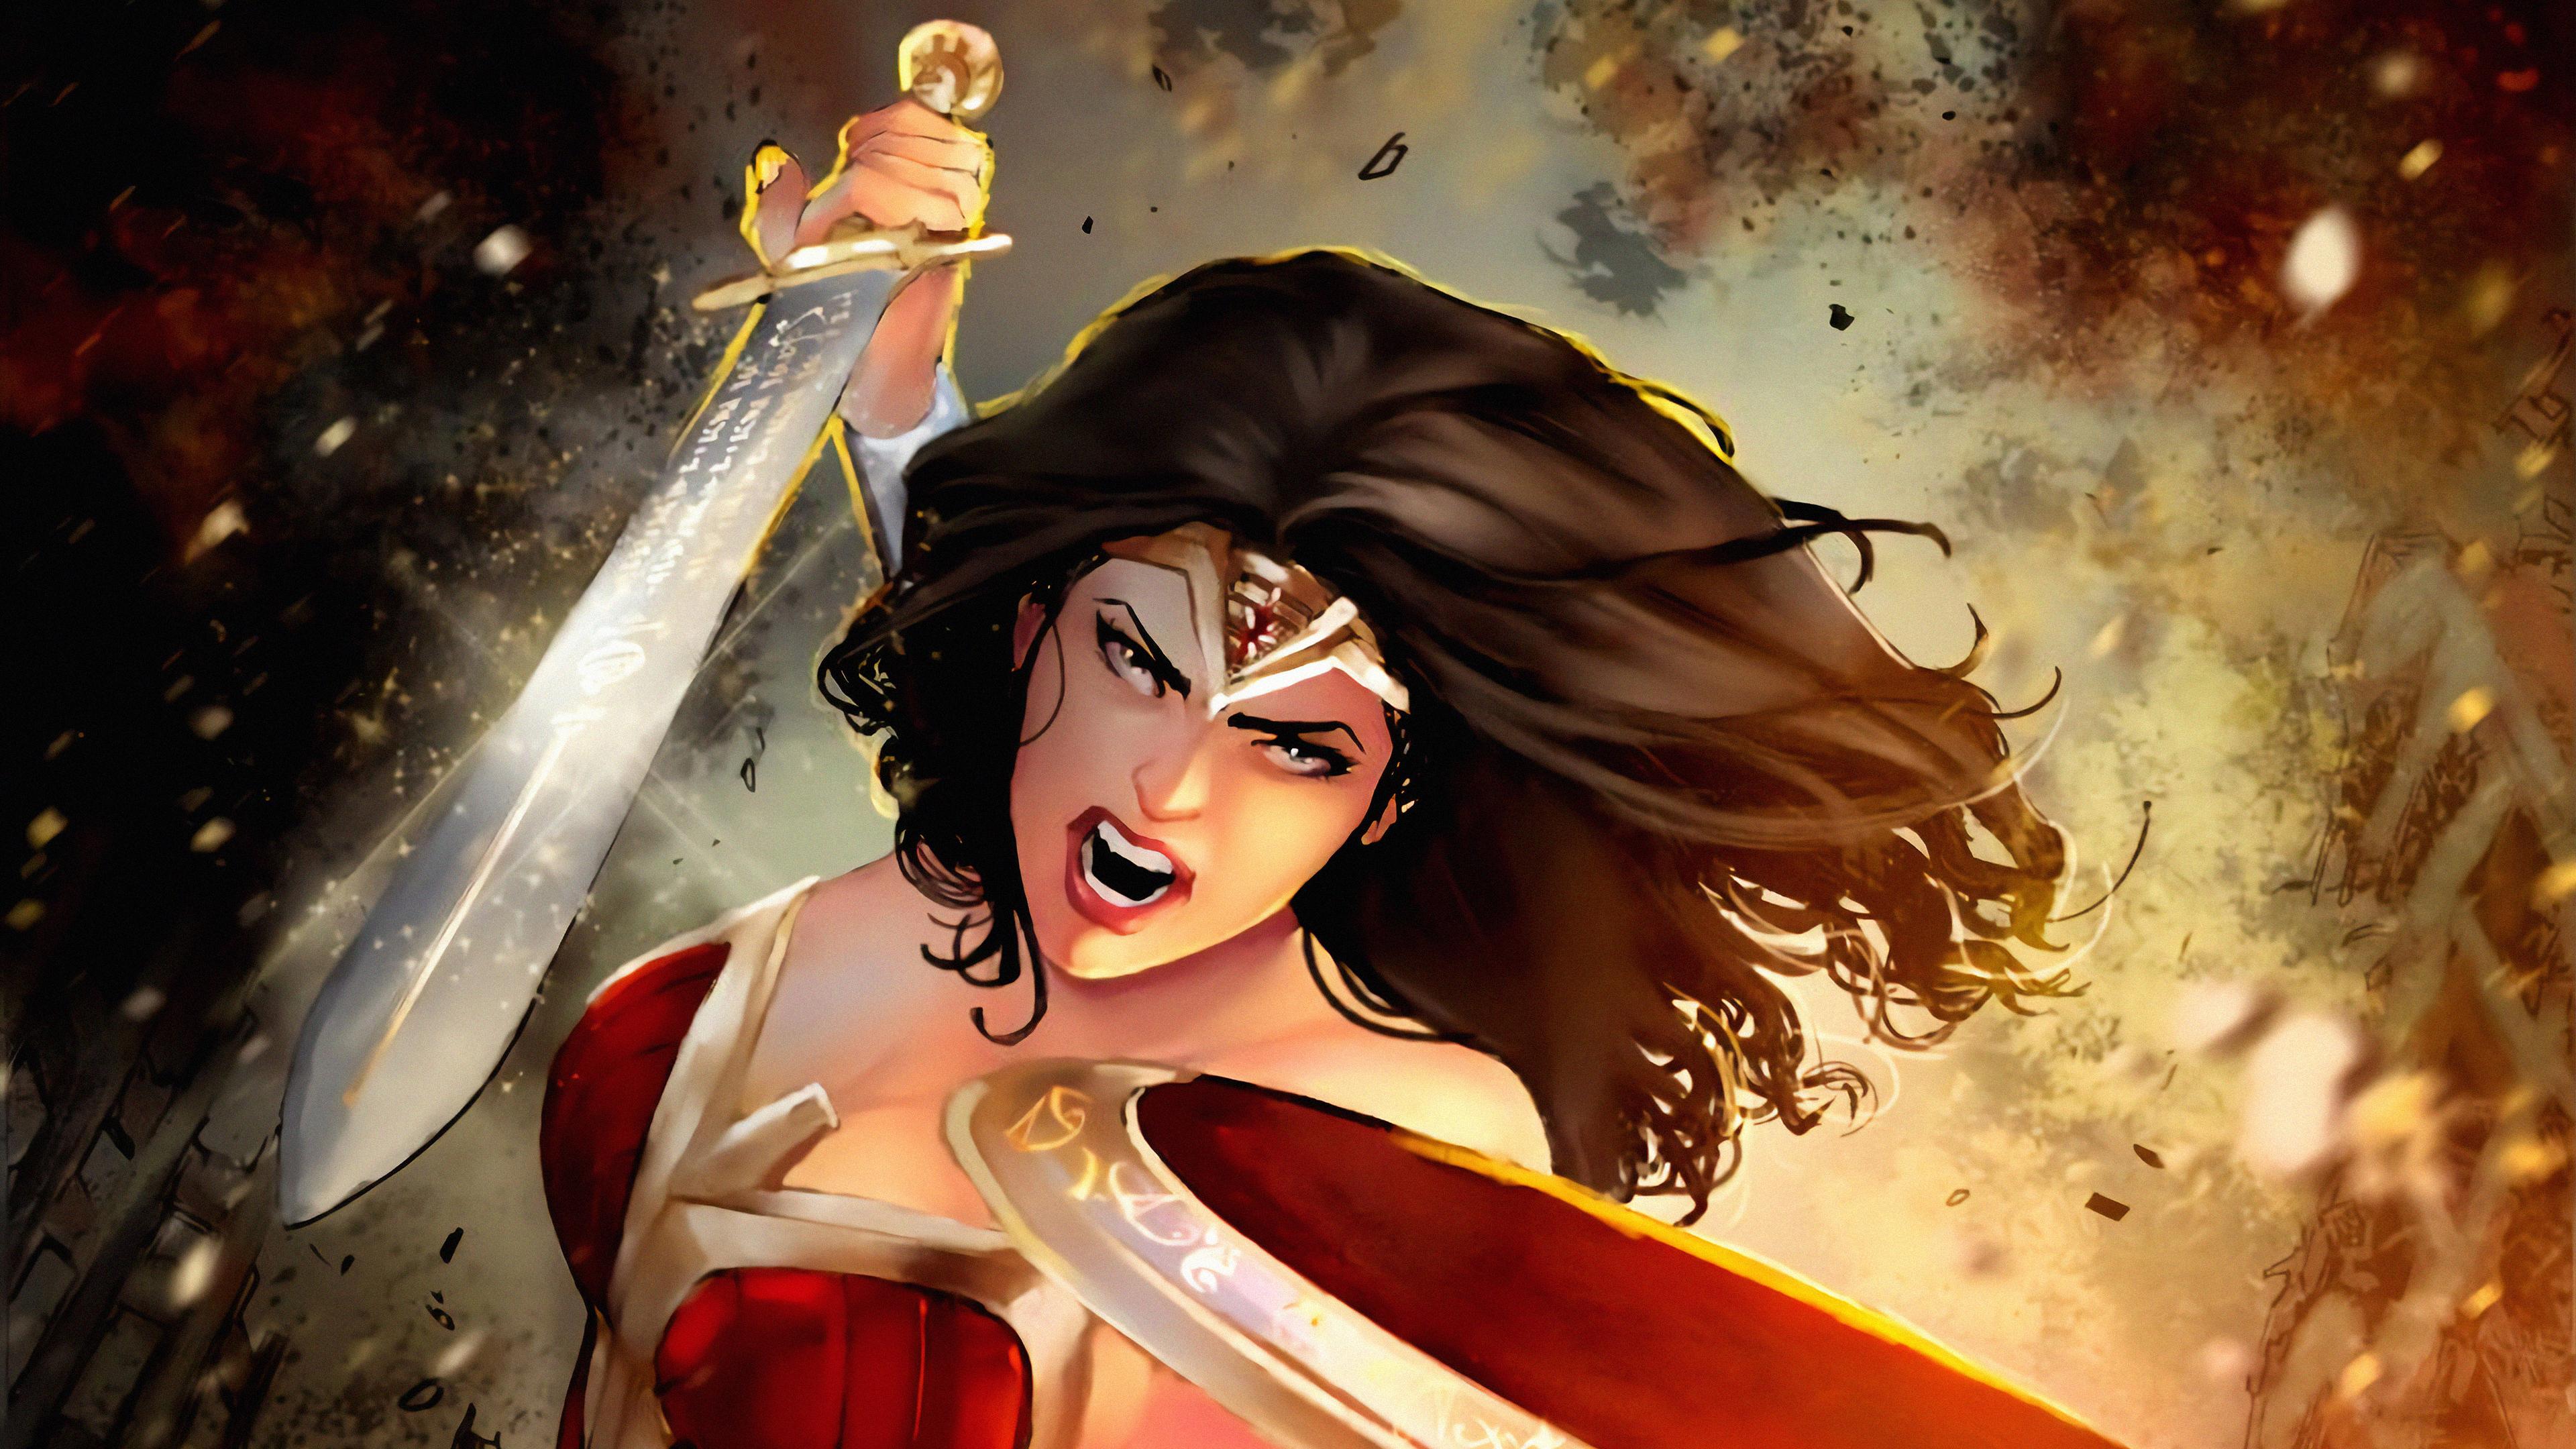 warrior wonder woman art 1569186663 - Warrior Wonder Woman Art - wonder woman wallpapers, superheroes wallpapers, hd-wallpapers, digital art wallpapers, deviantart wallpapers, artwork wallpapers, artist wallpapers, 4k-wallpapers